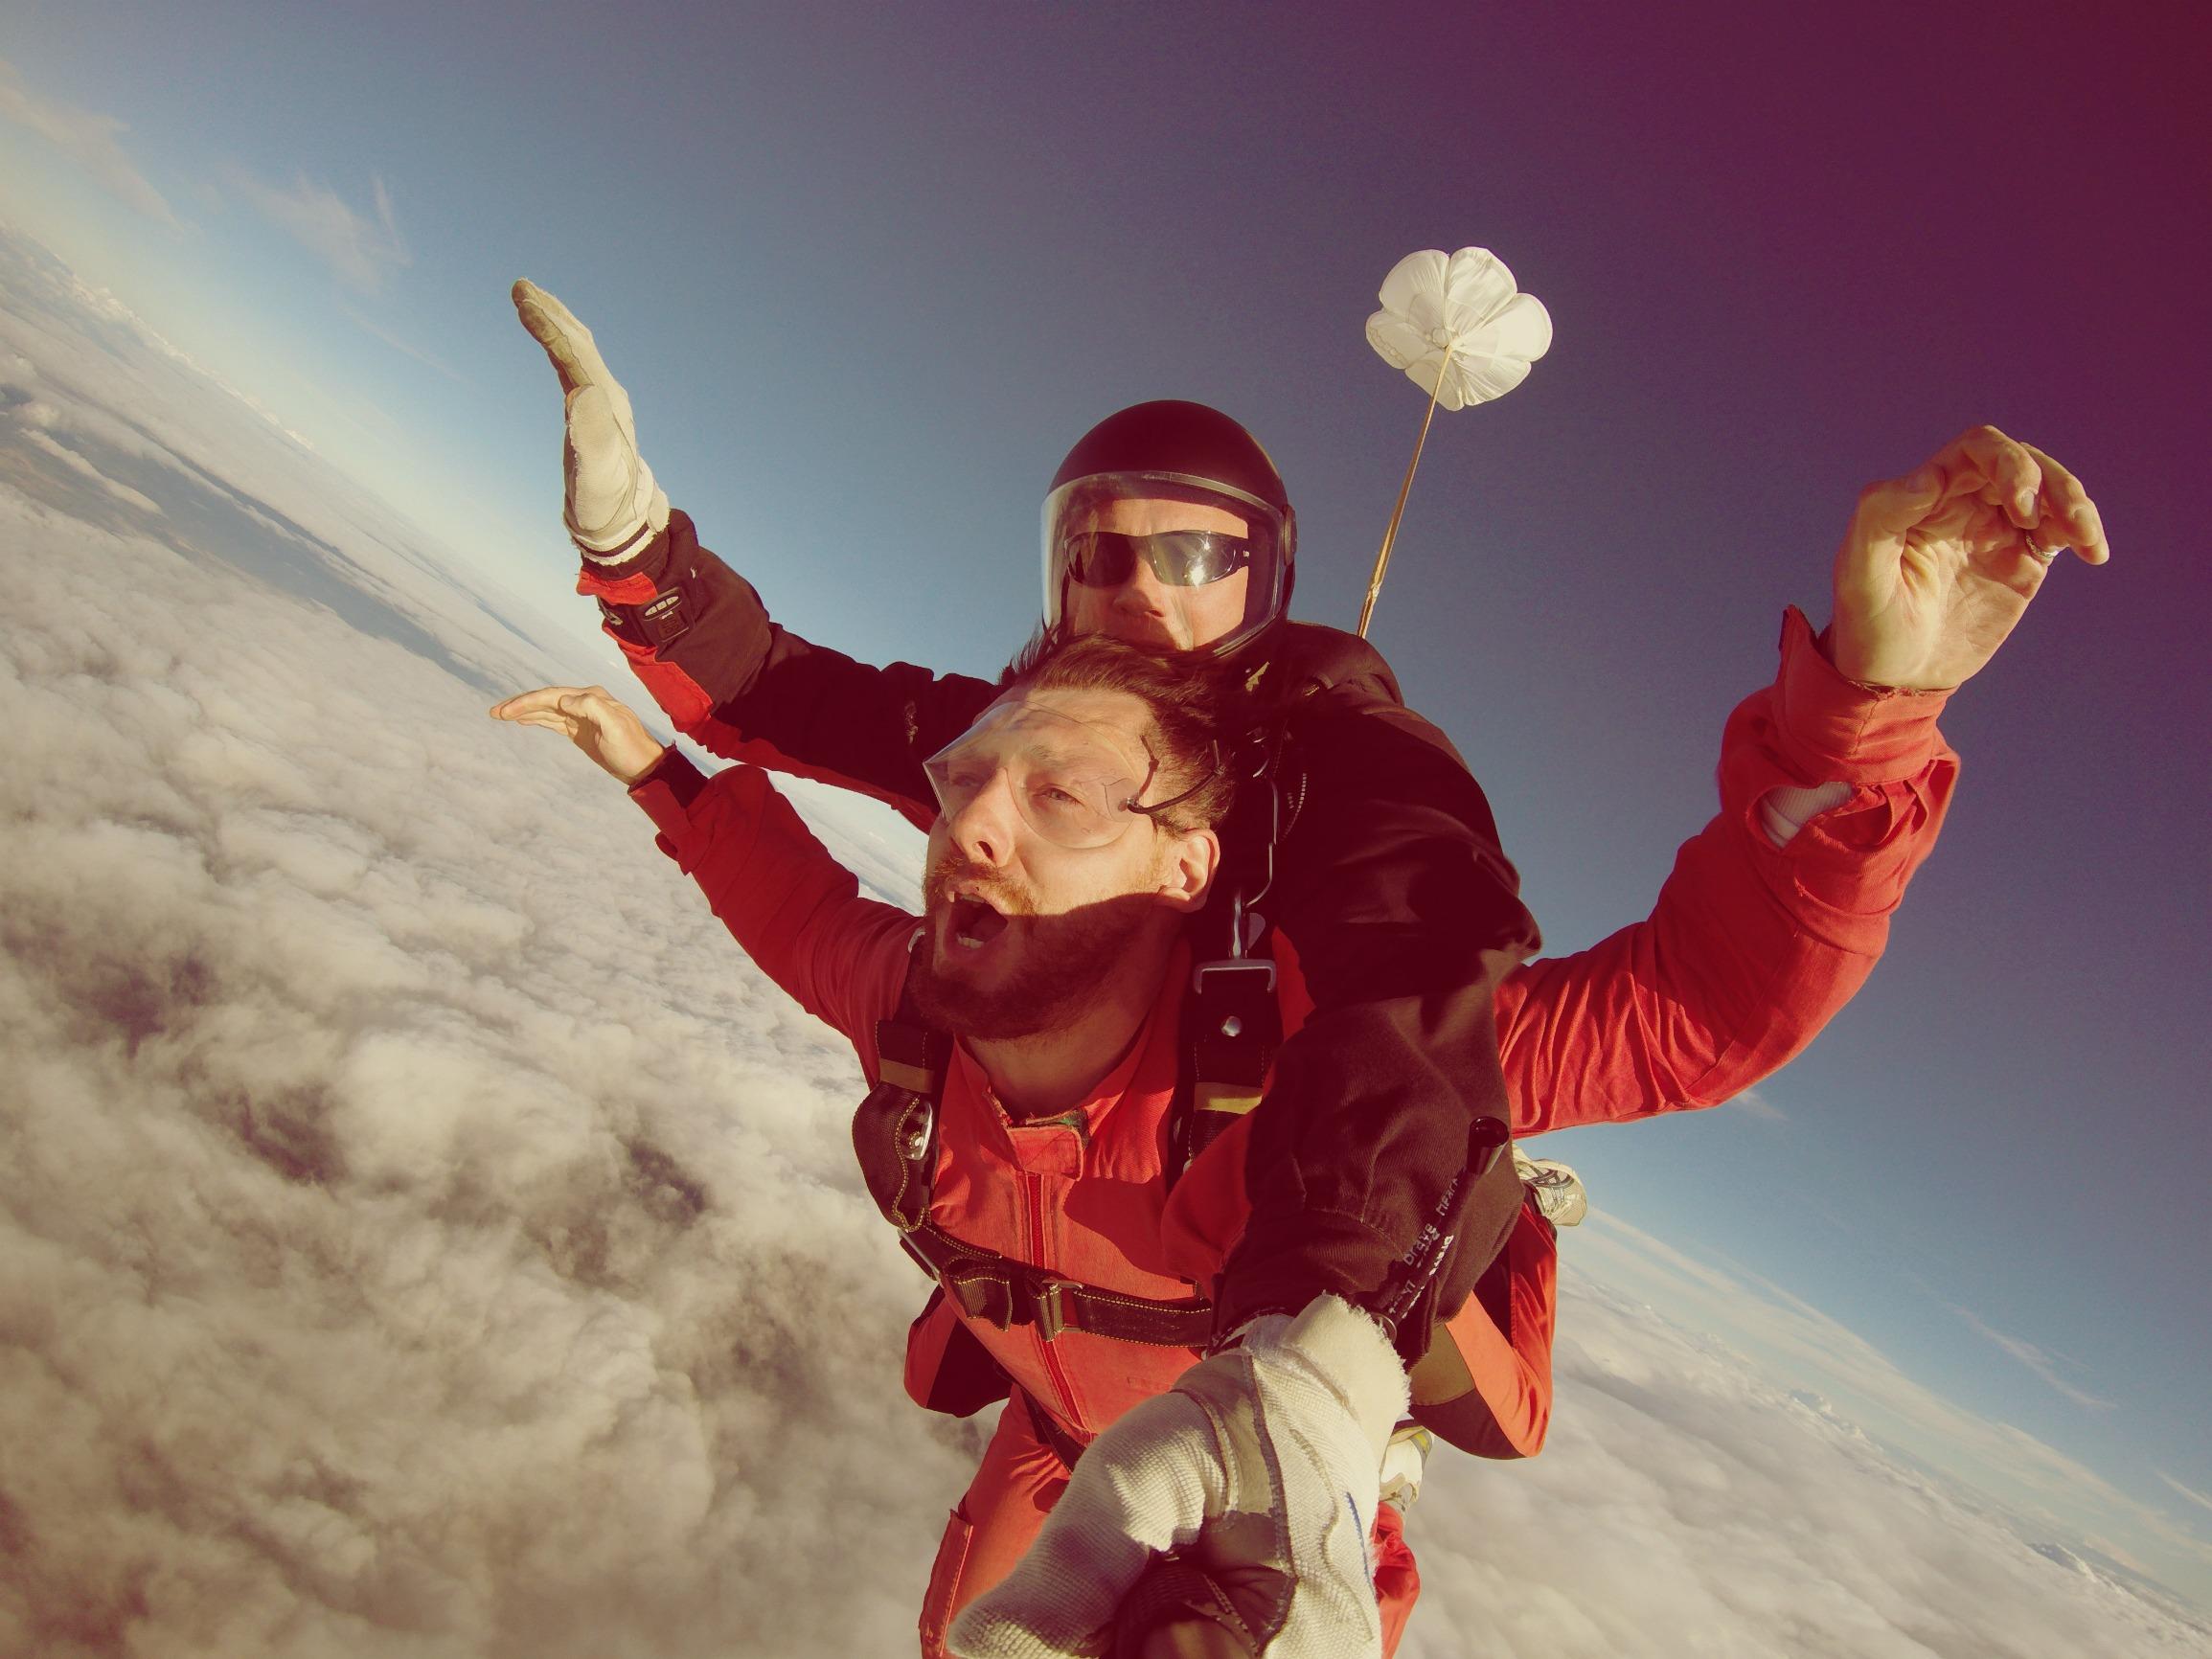 Прыжки с парашютом в Калининграде не проводятся, но это не повод не прыгнуть в Литве!